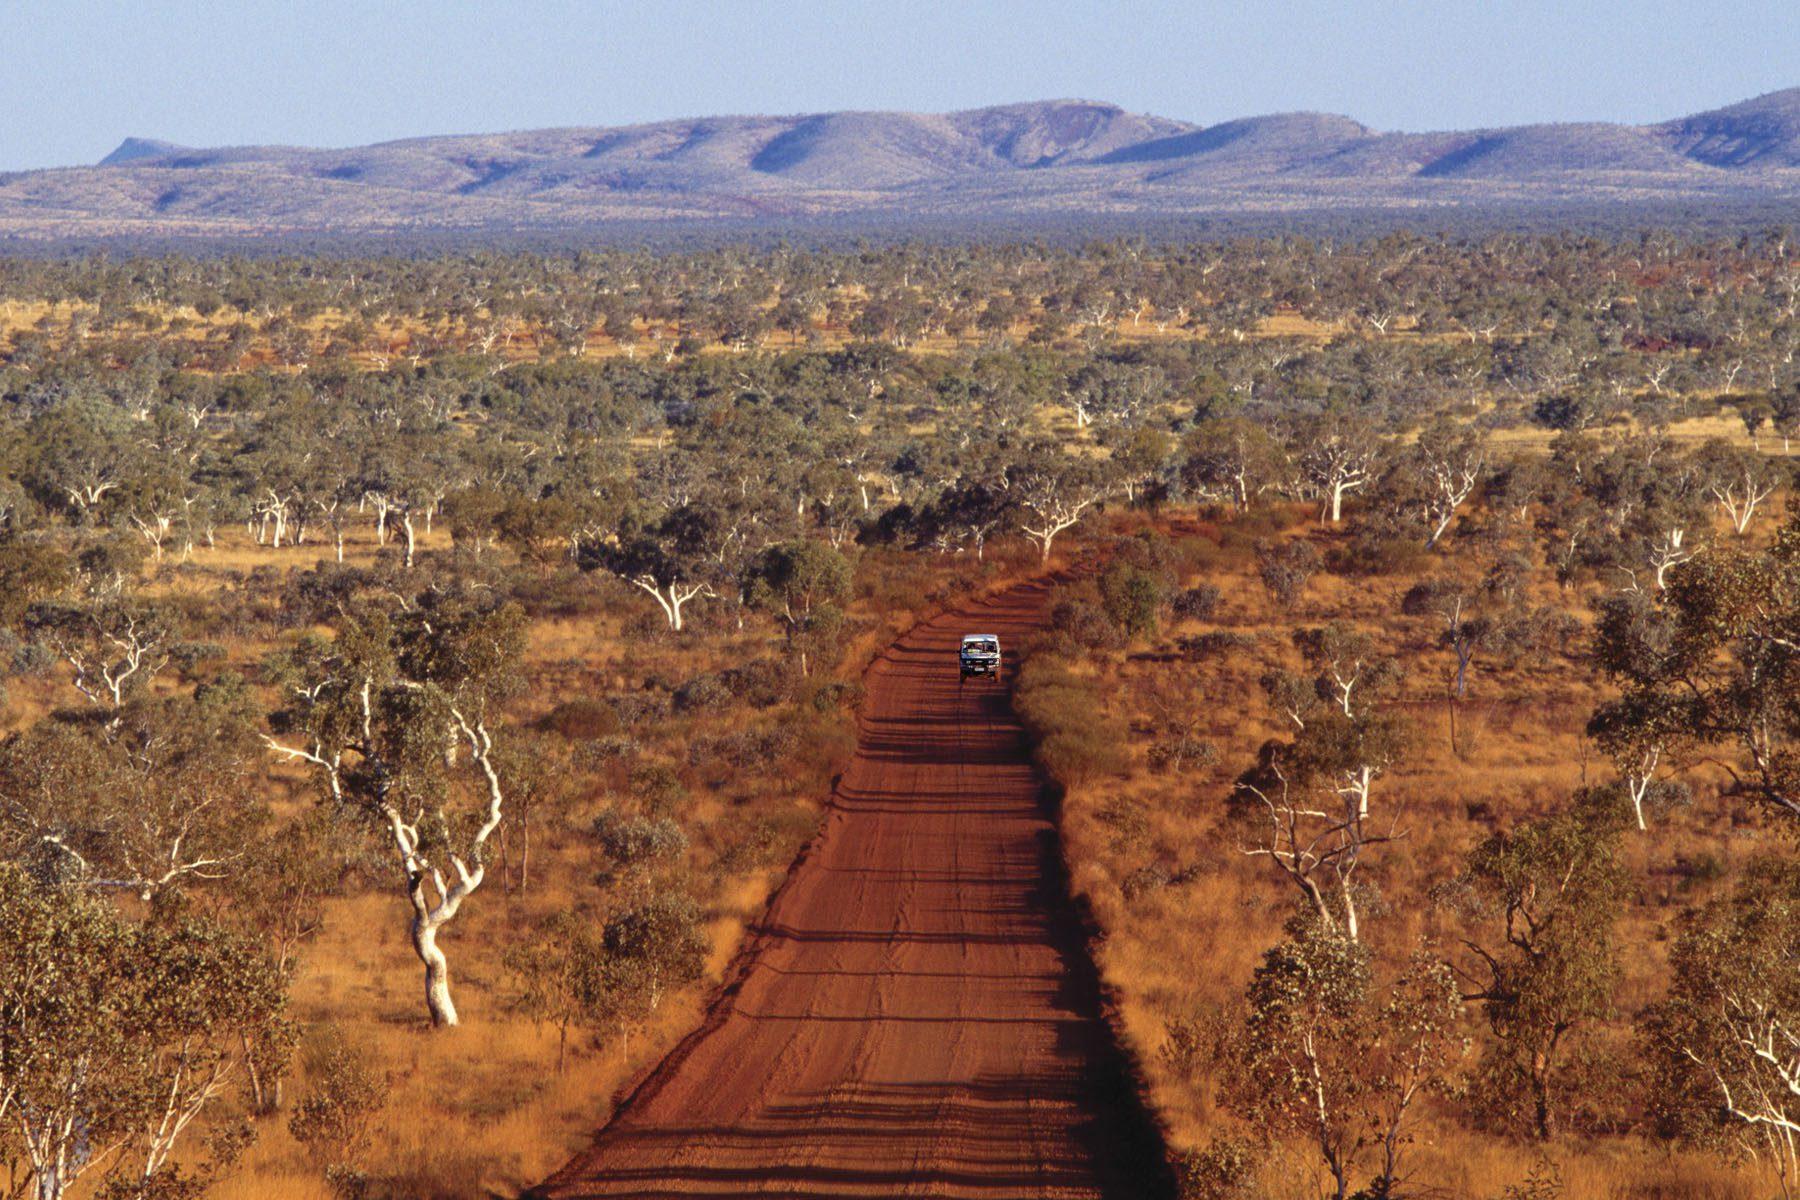 Australiens Tiere – Land der Gifttiere | Australien-Information.com